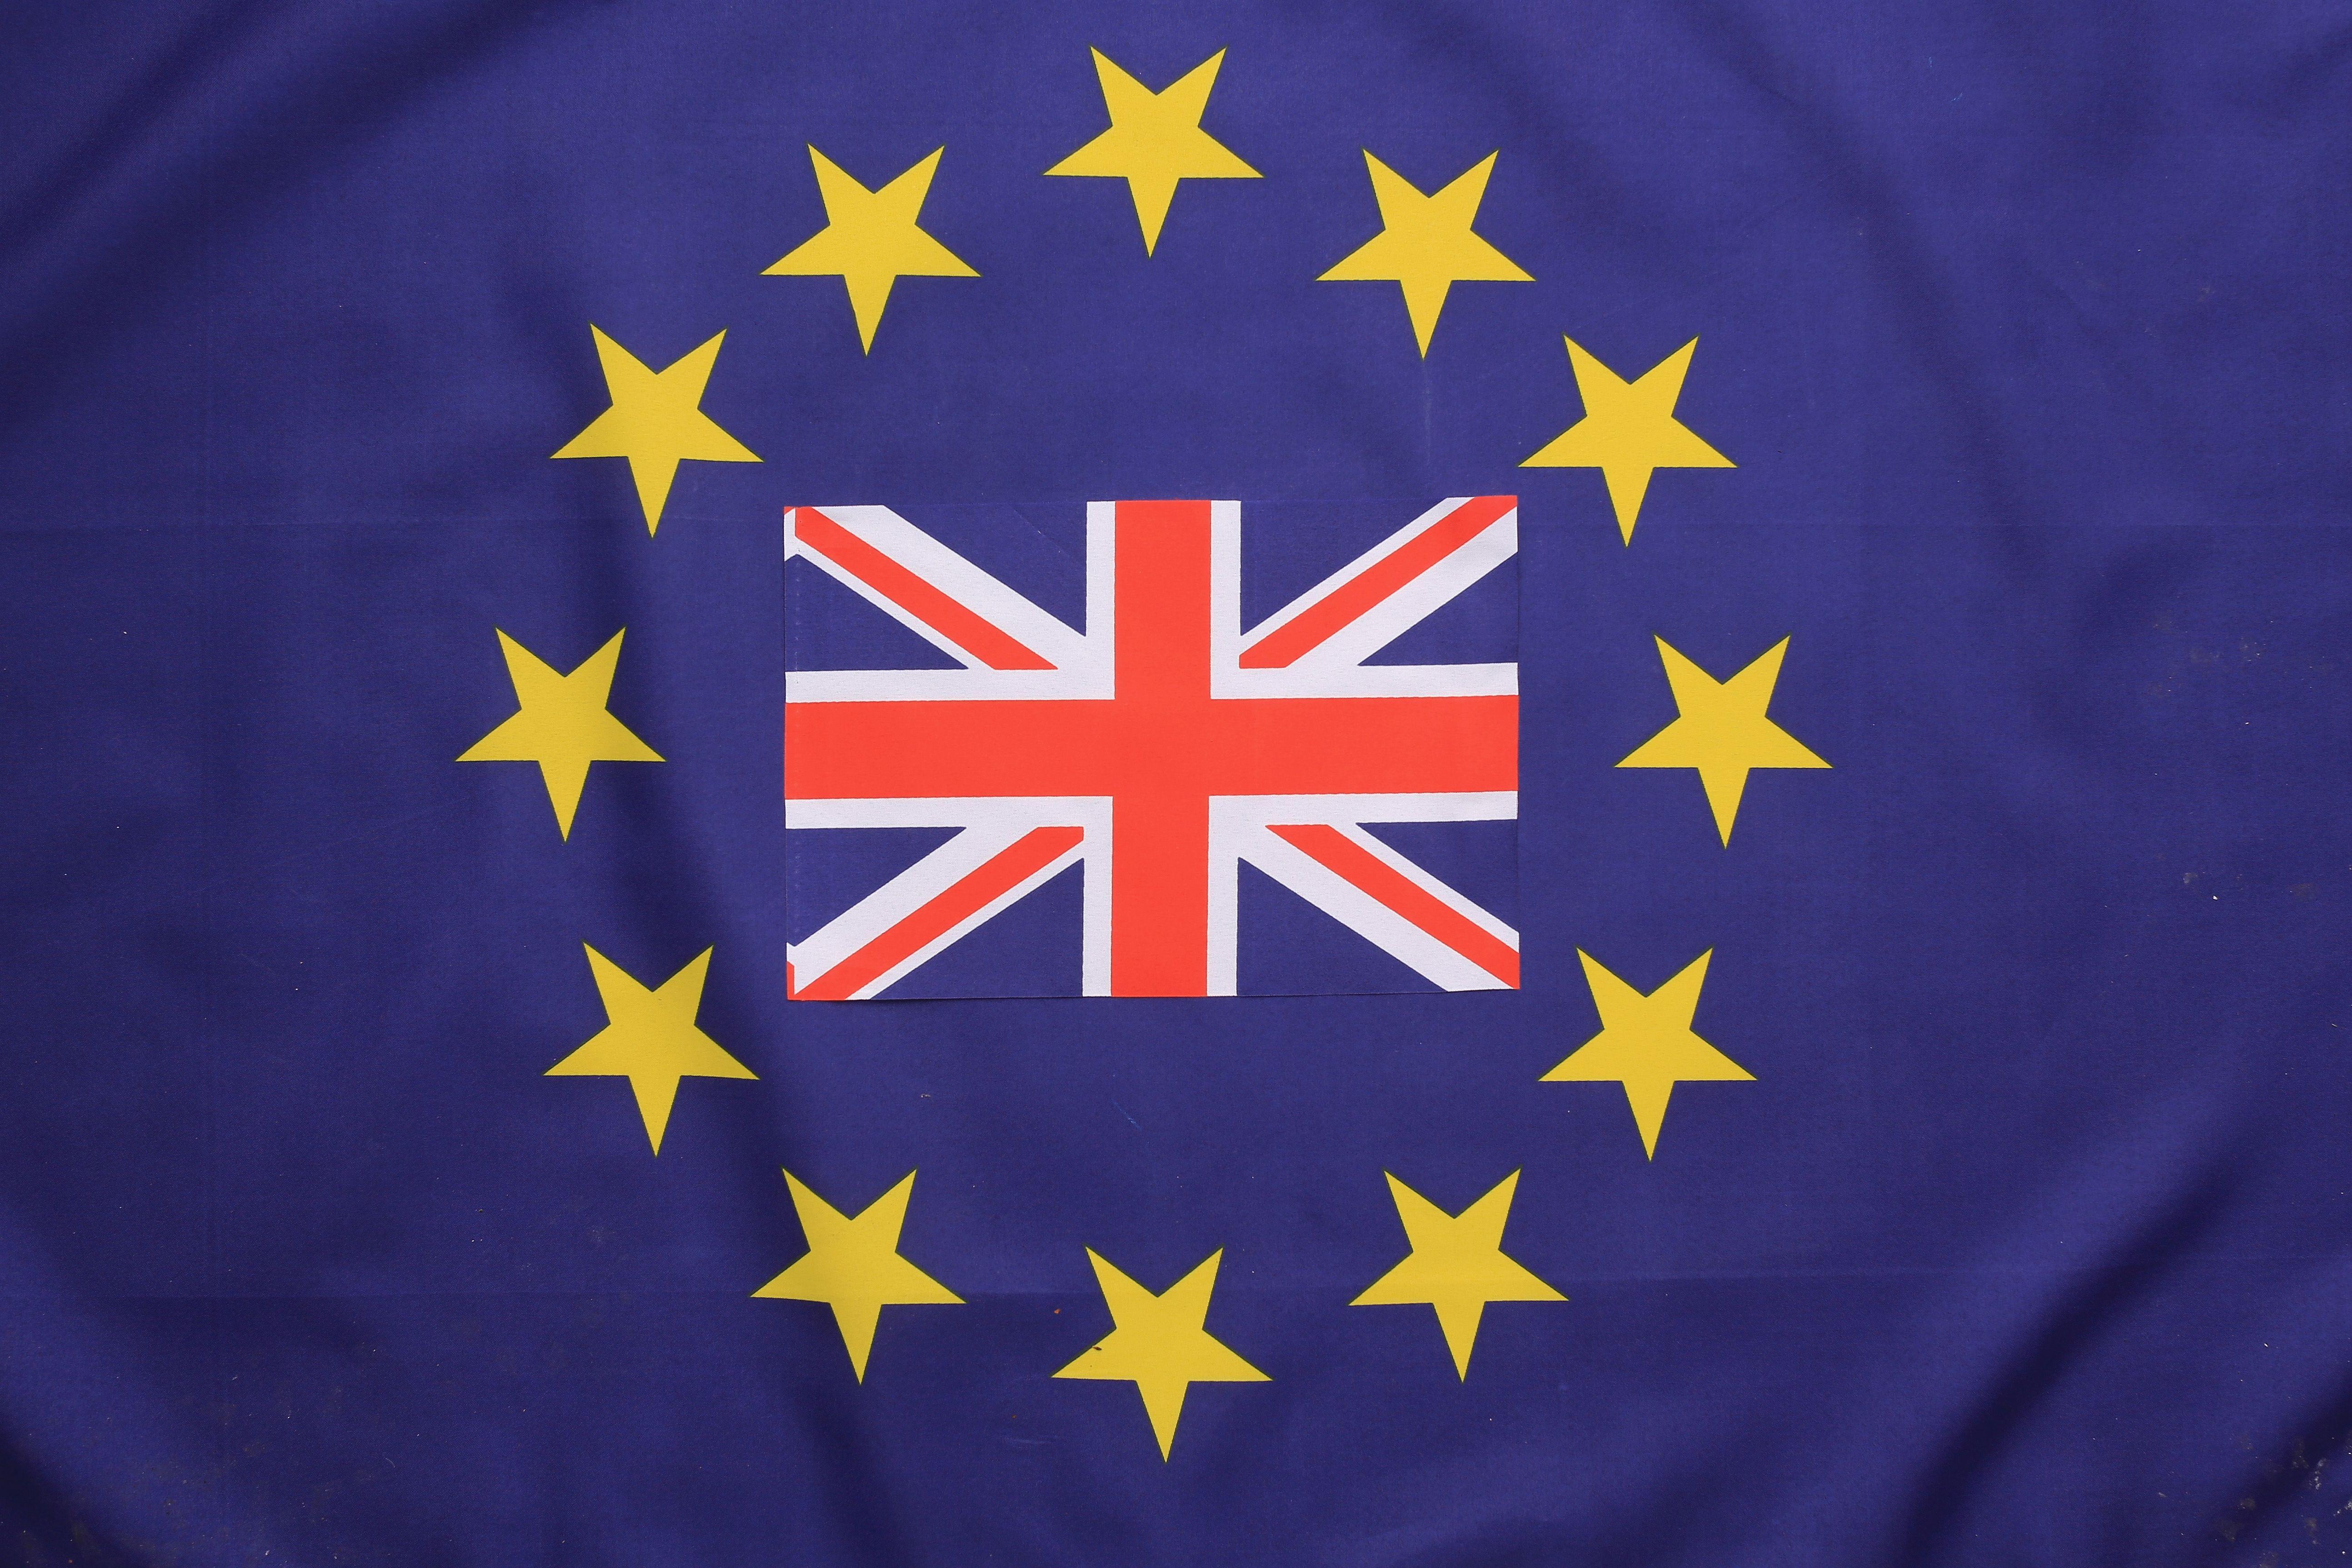 primarul-londrei-sugereaza-un-nou-referendum-britanicii-sa-aiba-opi